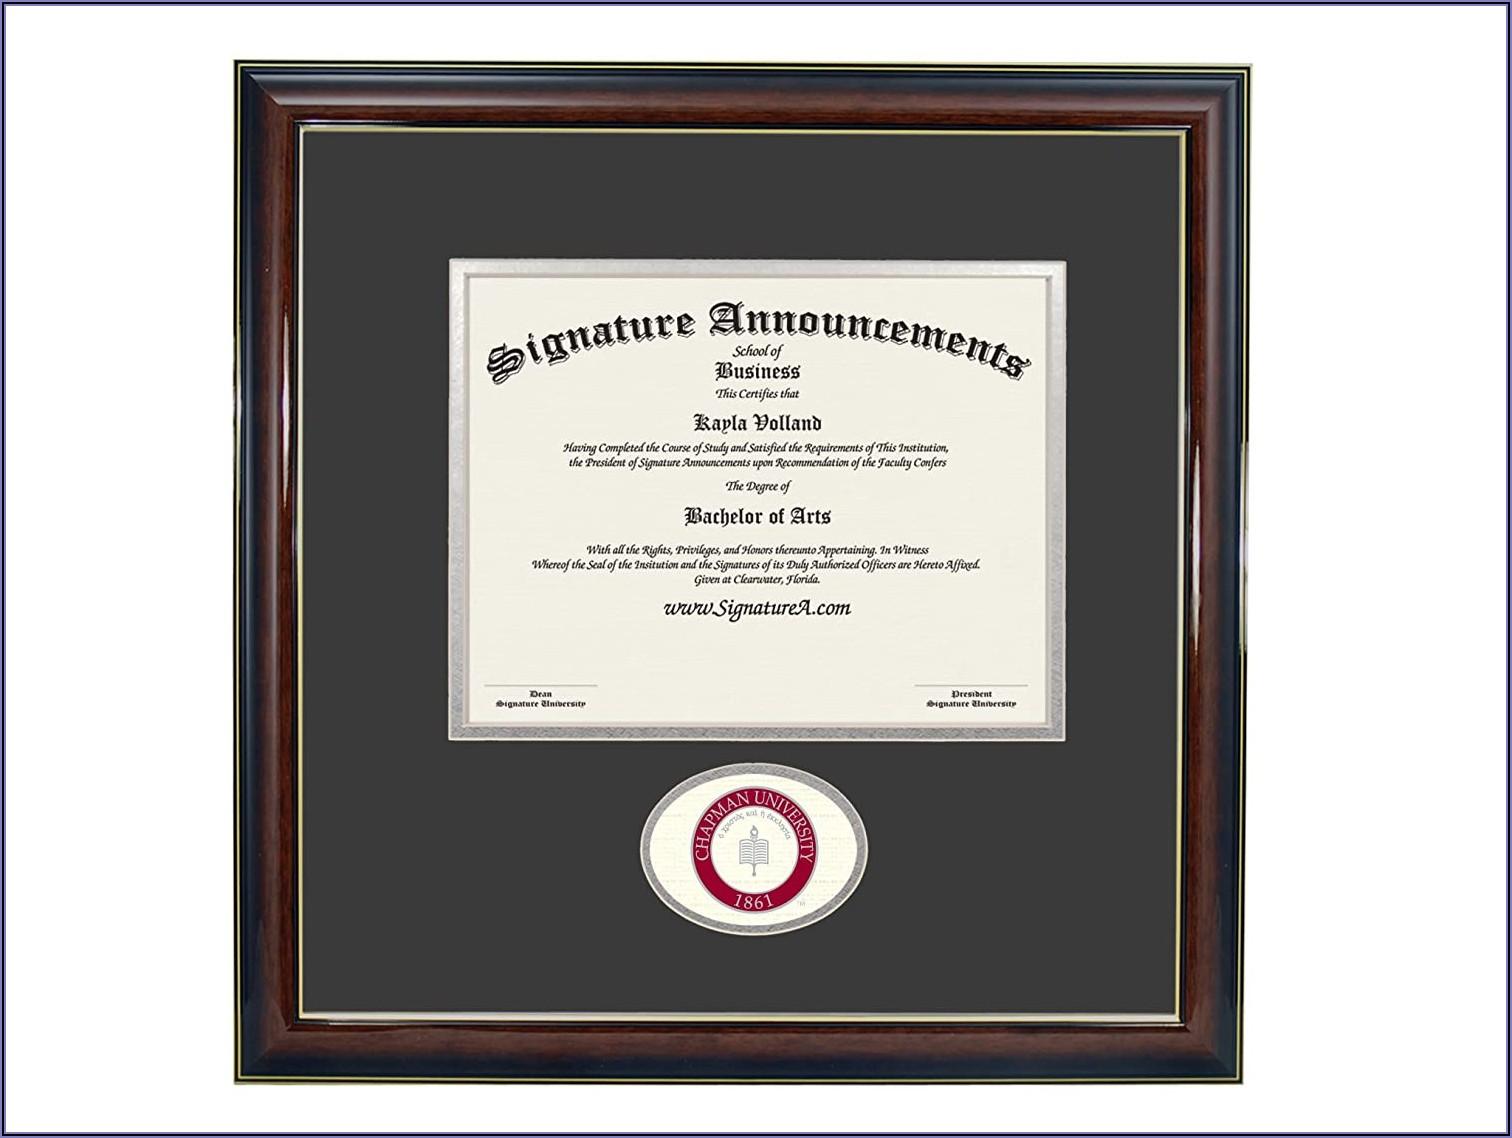 Chapman University Graduation Announcements